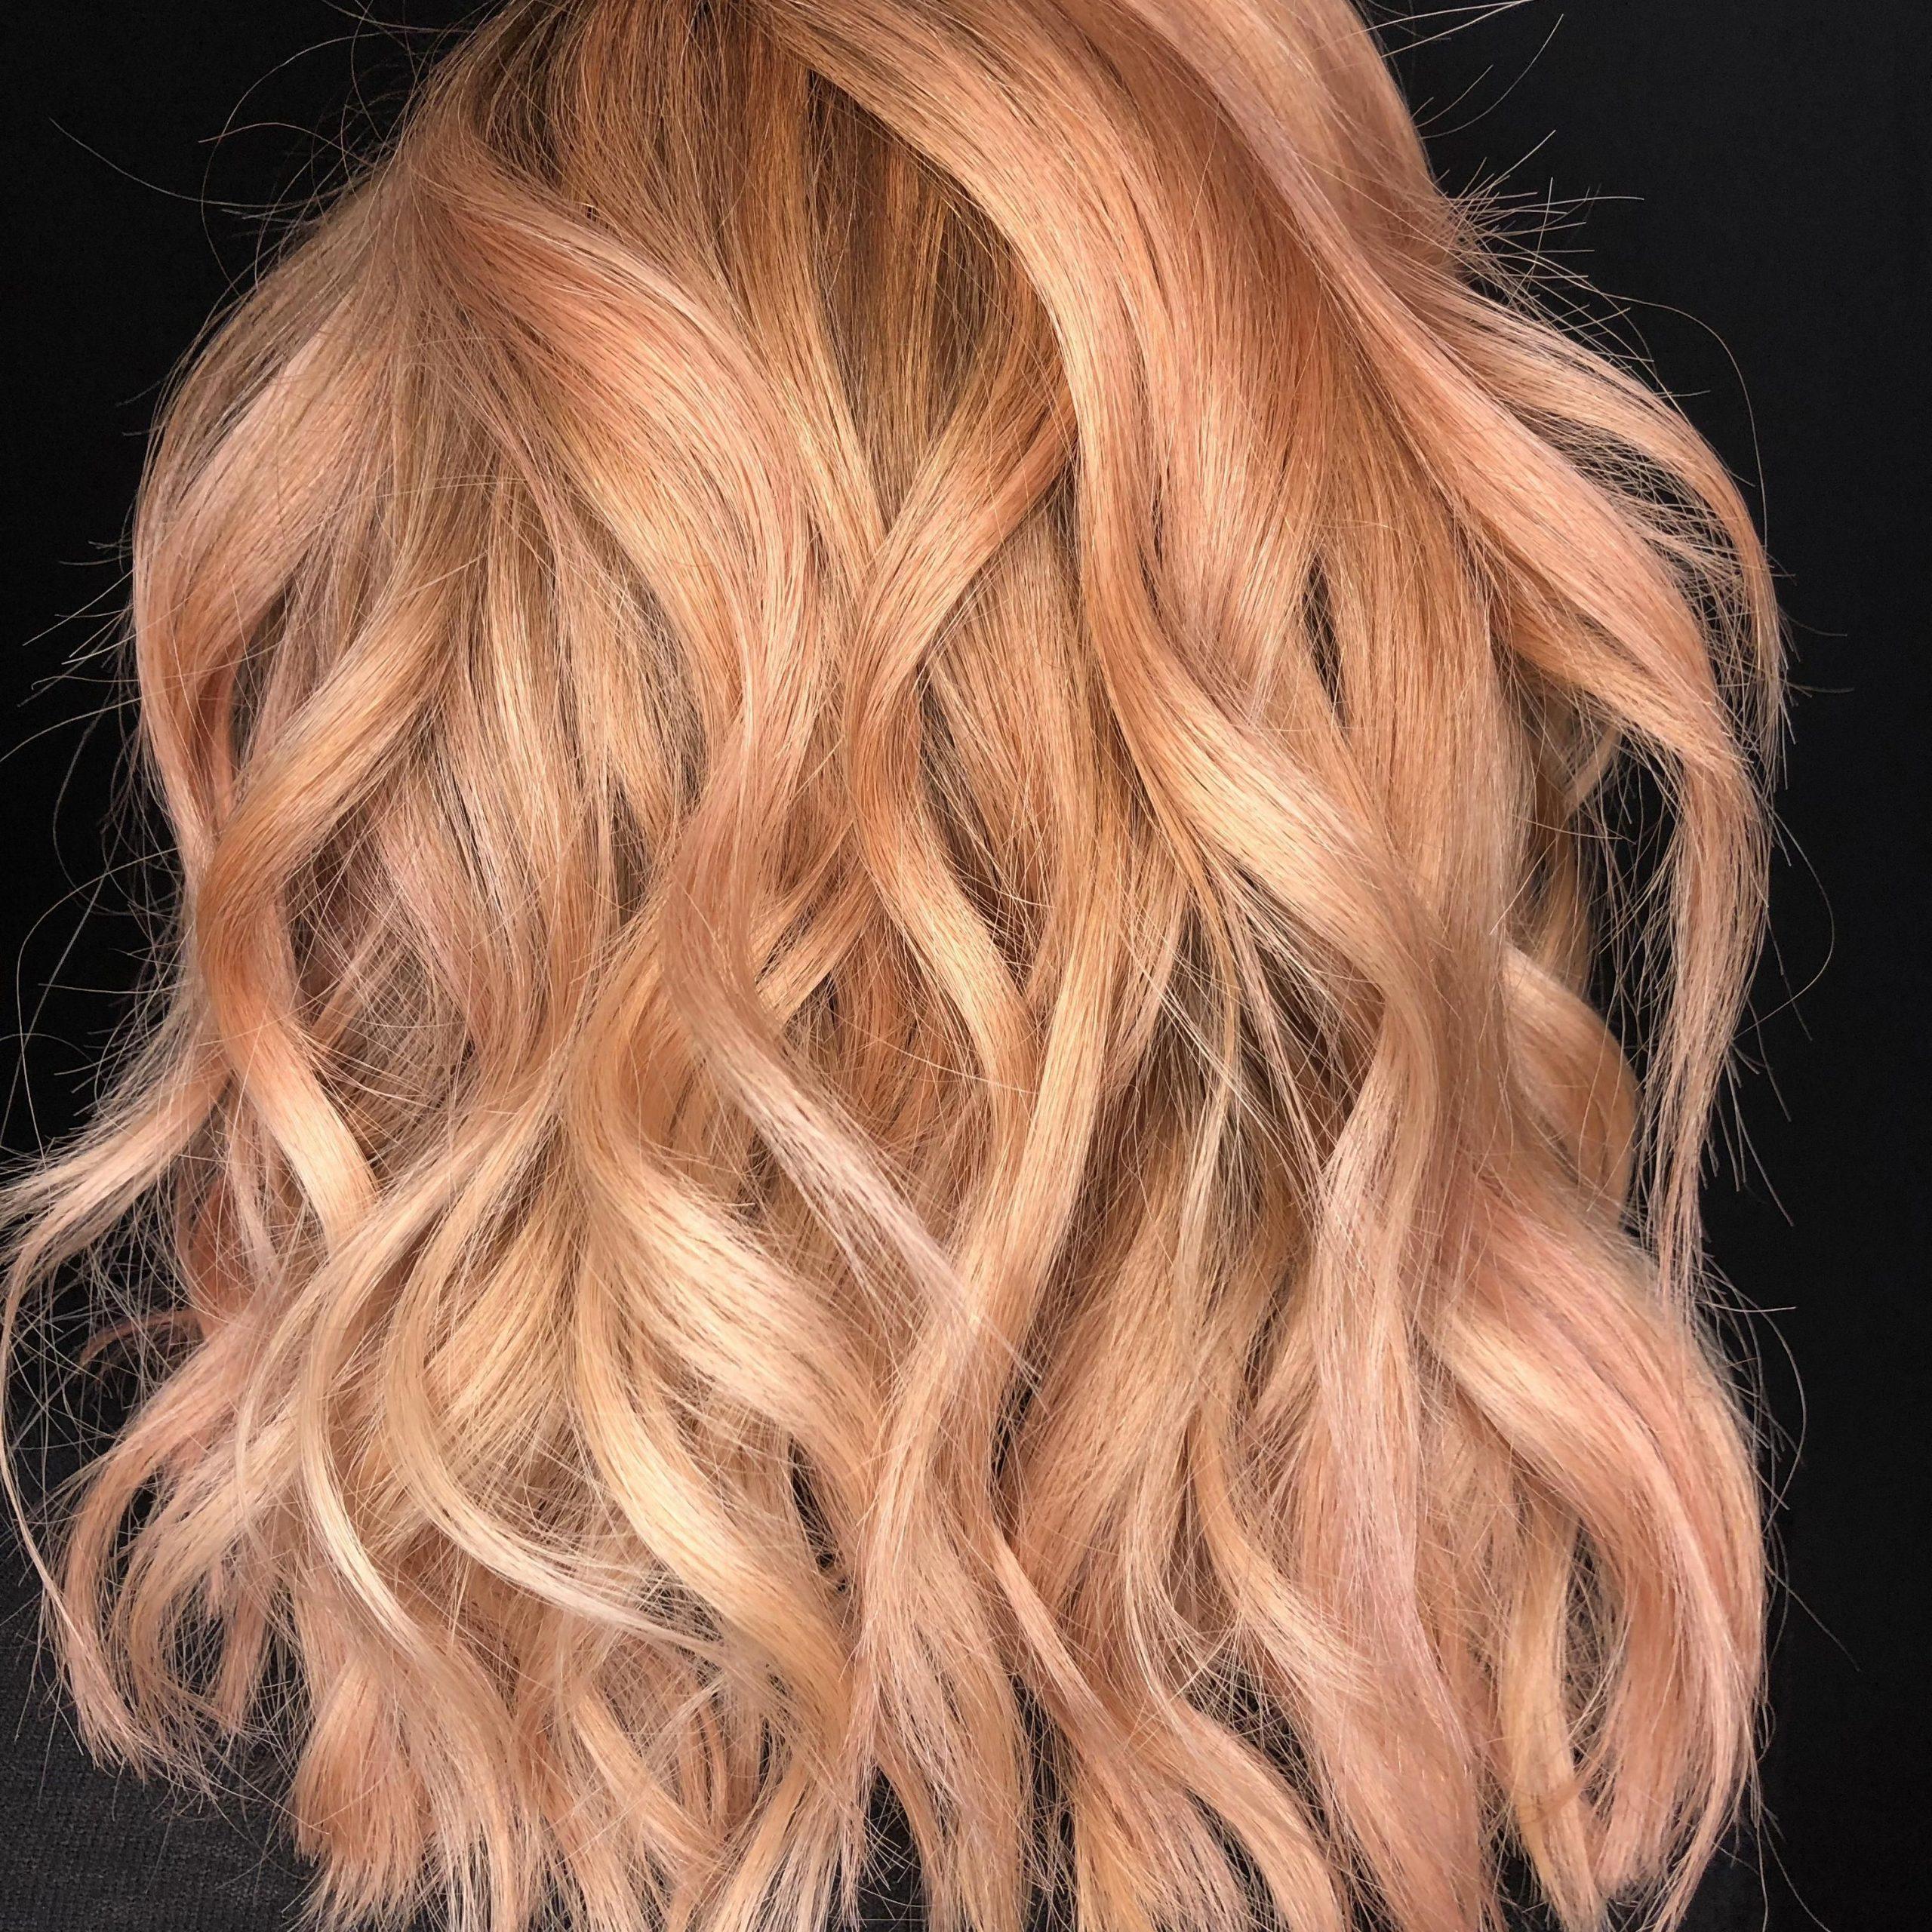 Caramel Blonde Balayage Hair Looks (View 5 of 20)